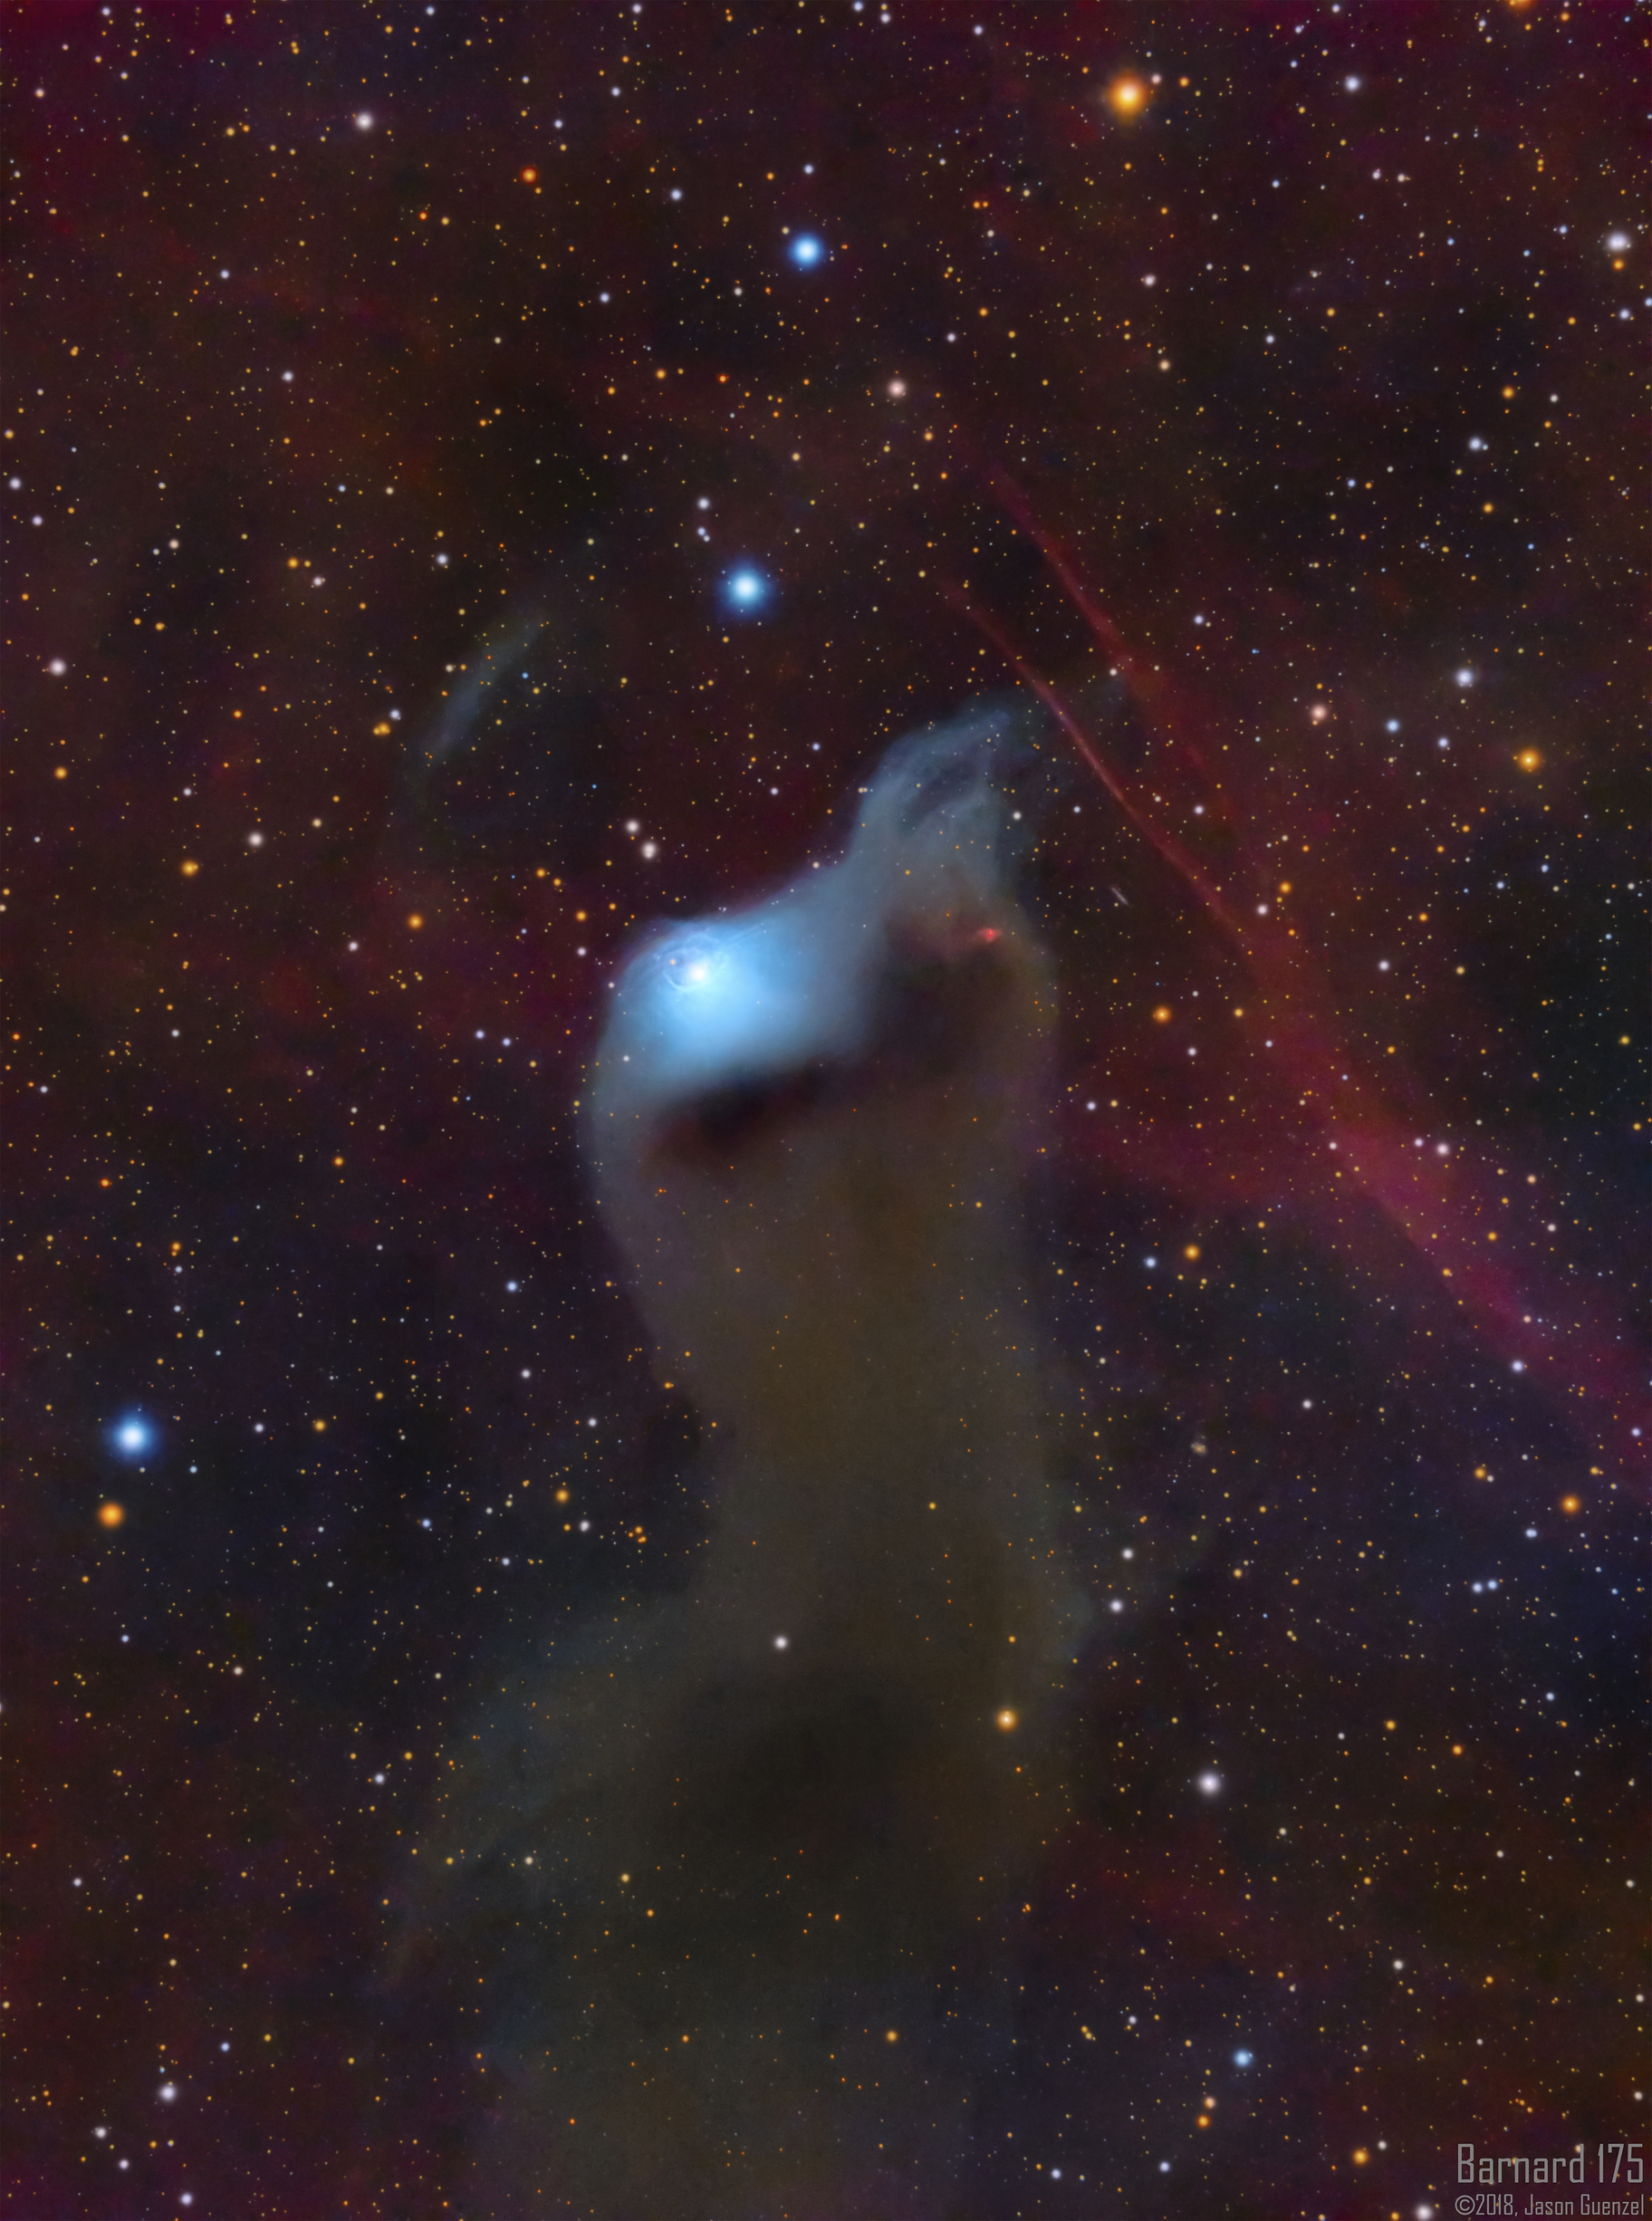 Barnard 175 - Cosmic Curiosities,                                Jason Guenzel